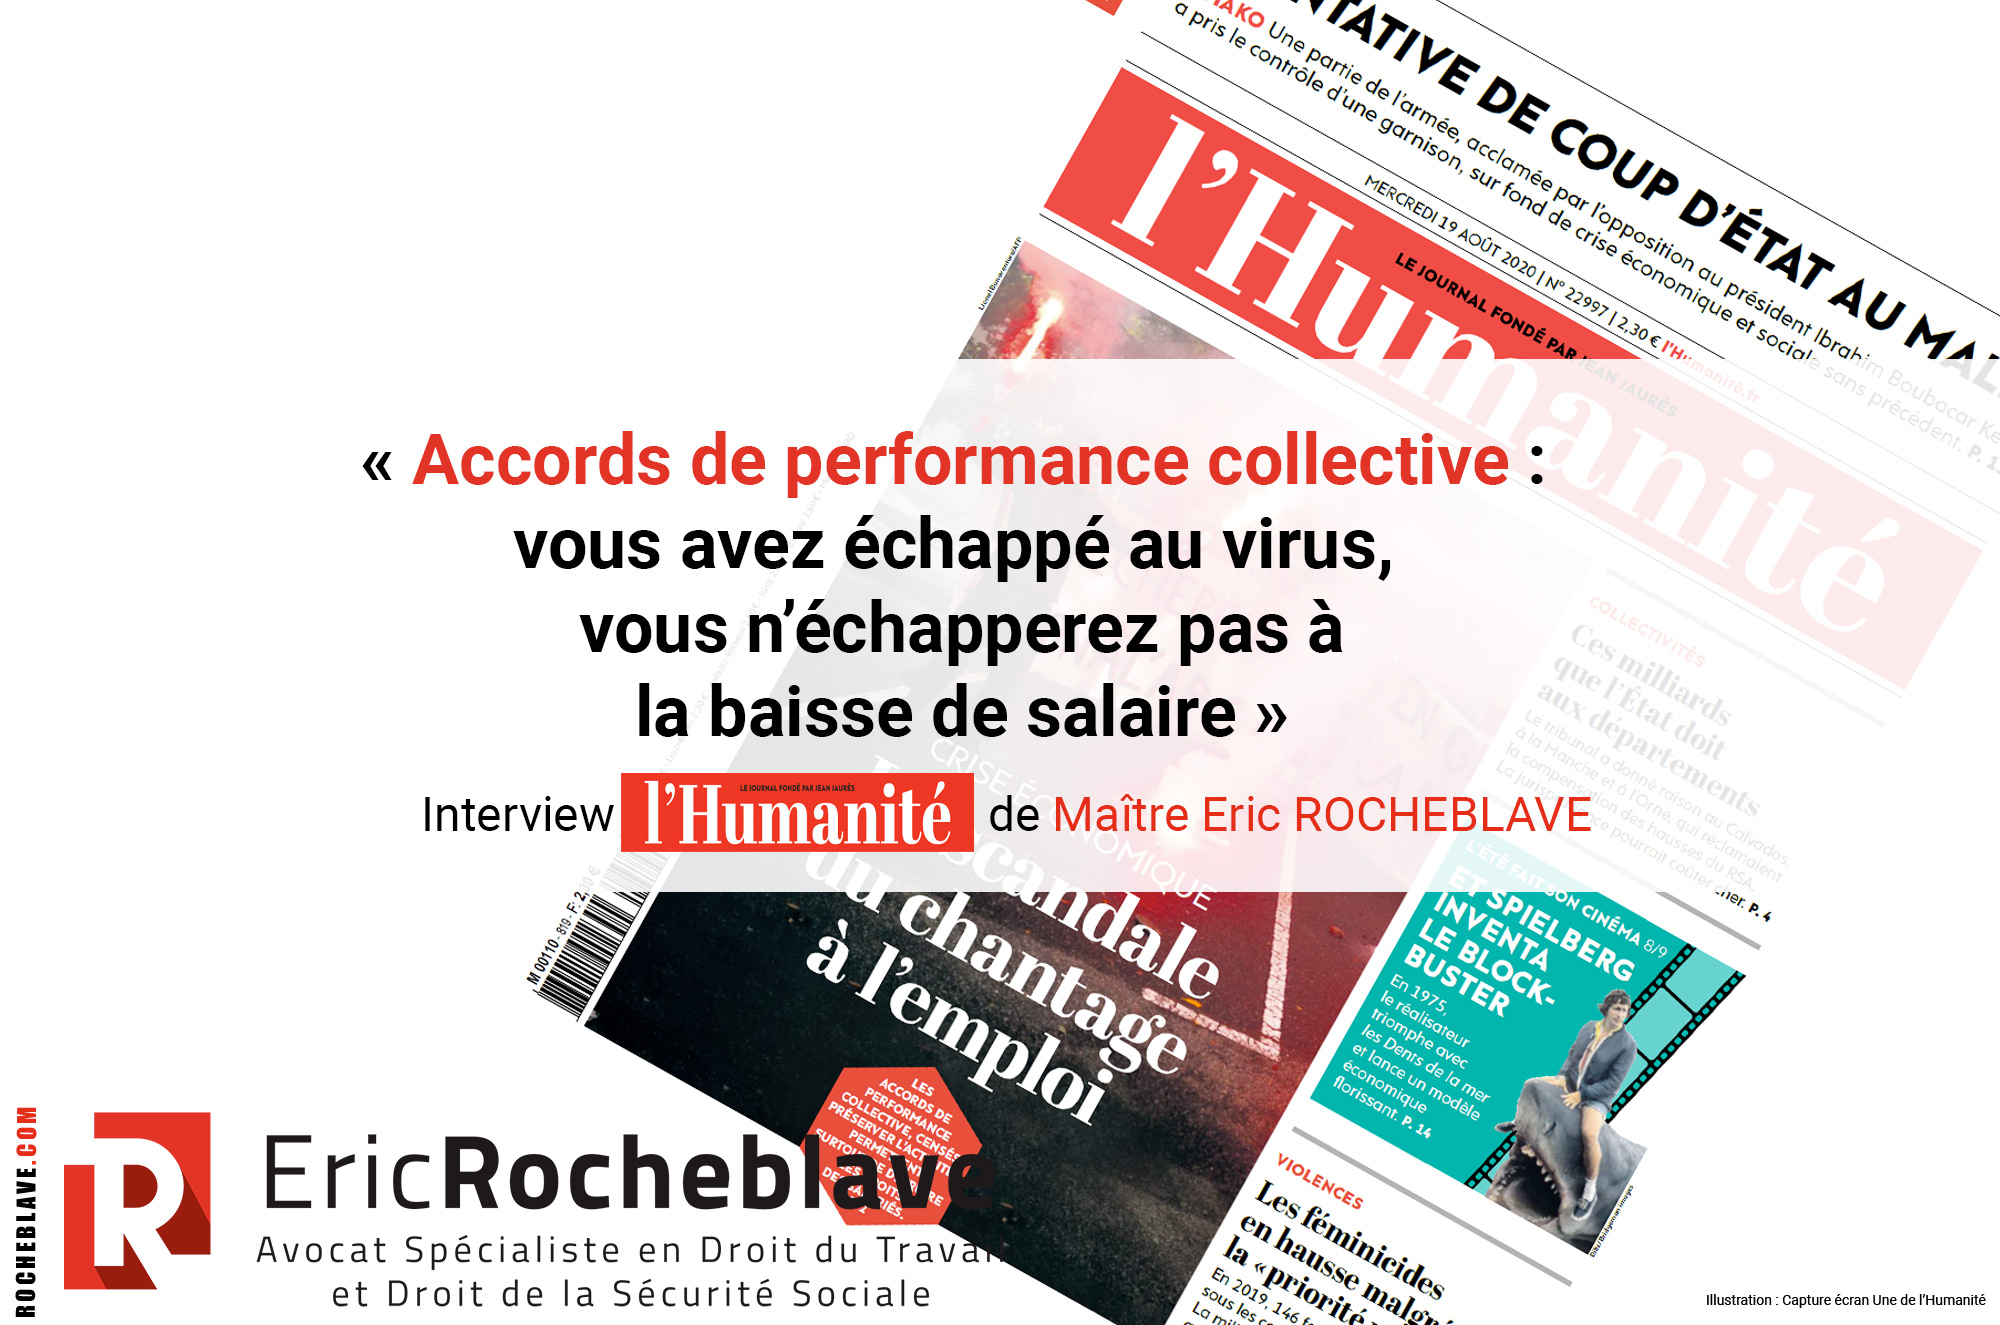 « Accords de performance collective : vous avez échappé au virus, vous n'échapperez pas à la baisse de salaire » Interview l'Humanité de Maître Eric ROCHEBLAVE